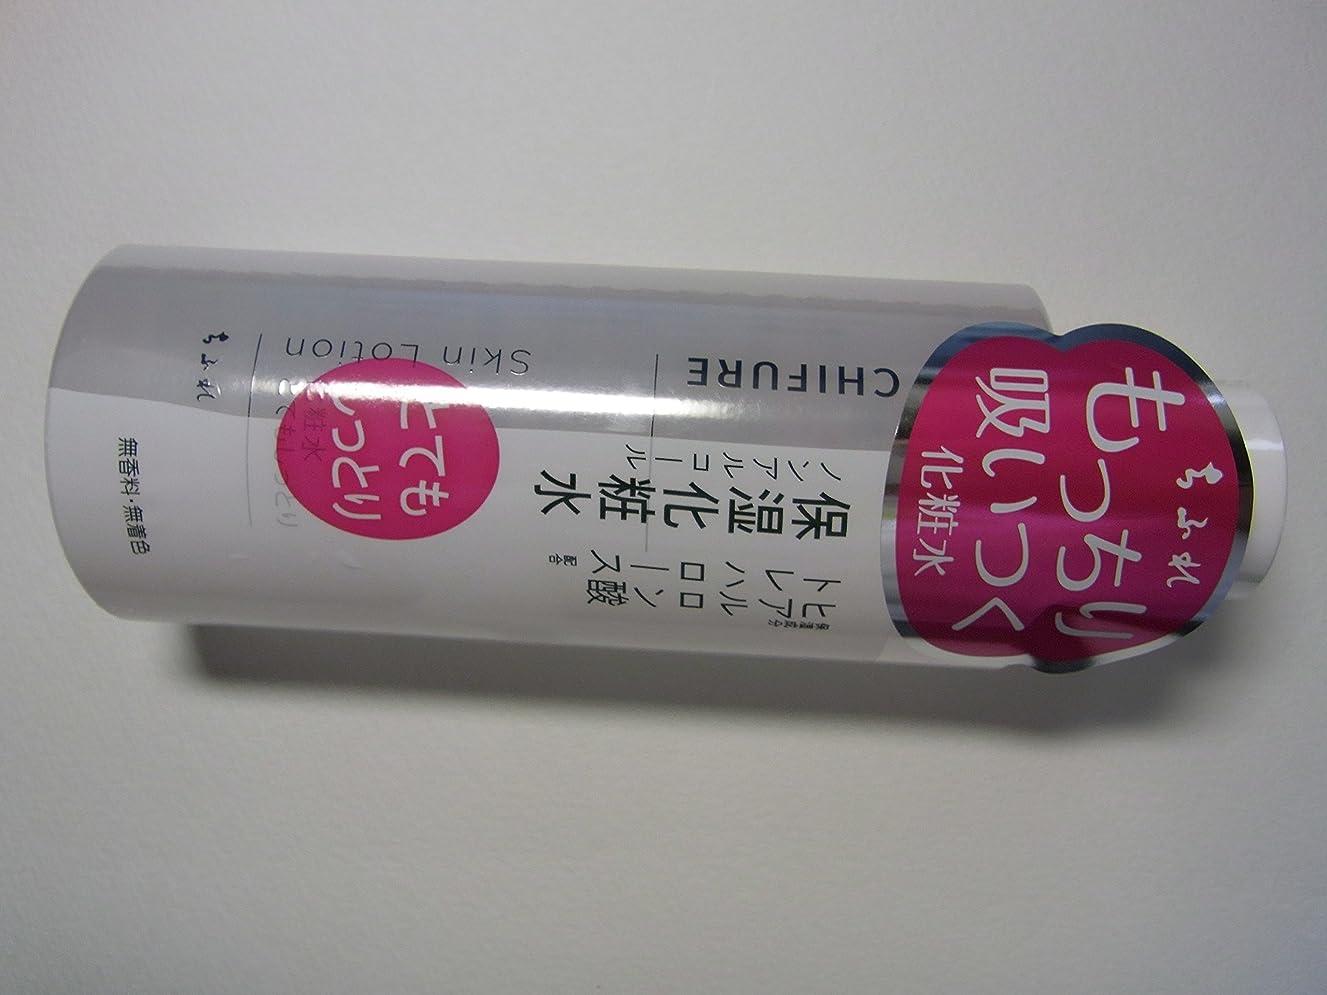 確実ピカリング欠点ちふれ化粧品 化粧水 とてもしっとりタイプ 180ML